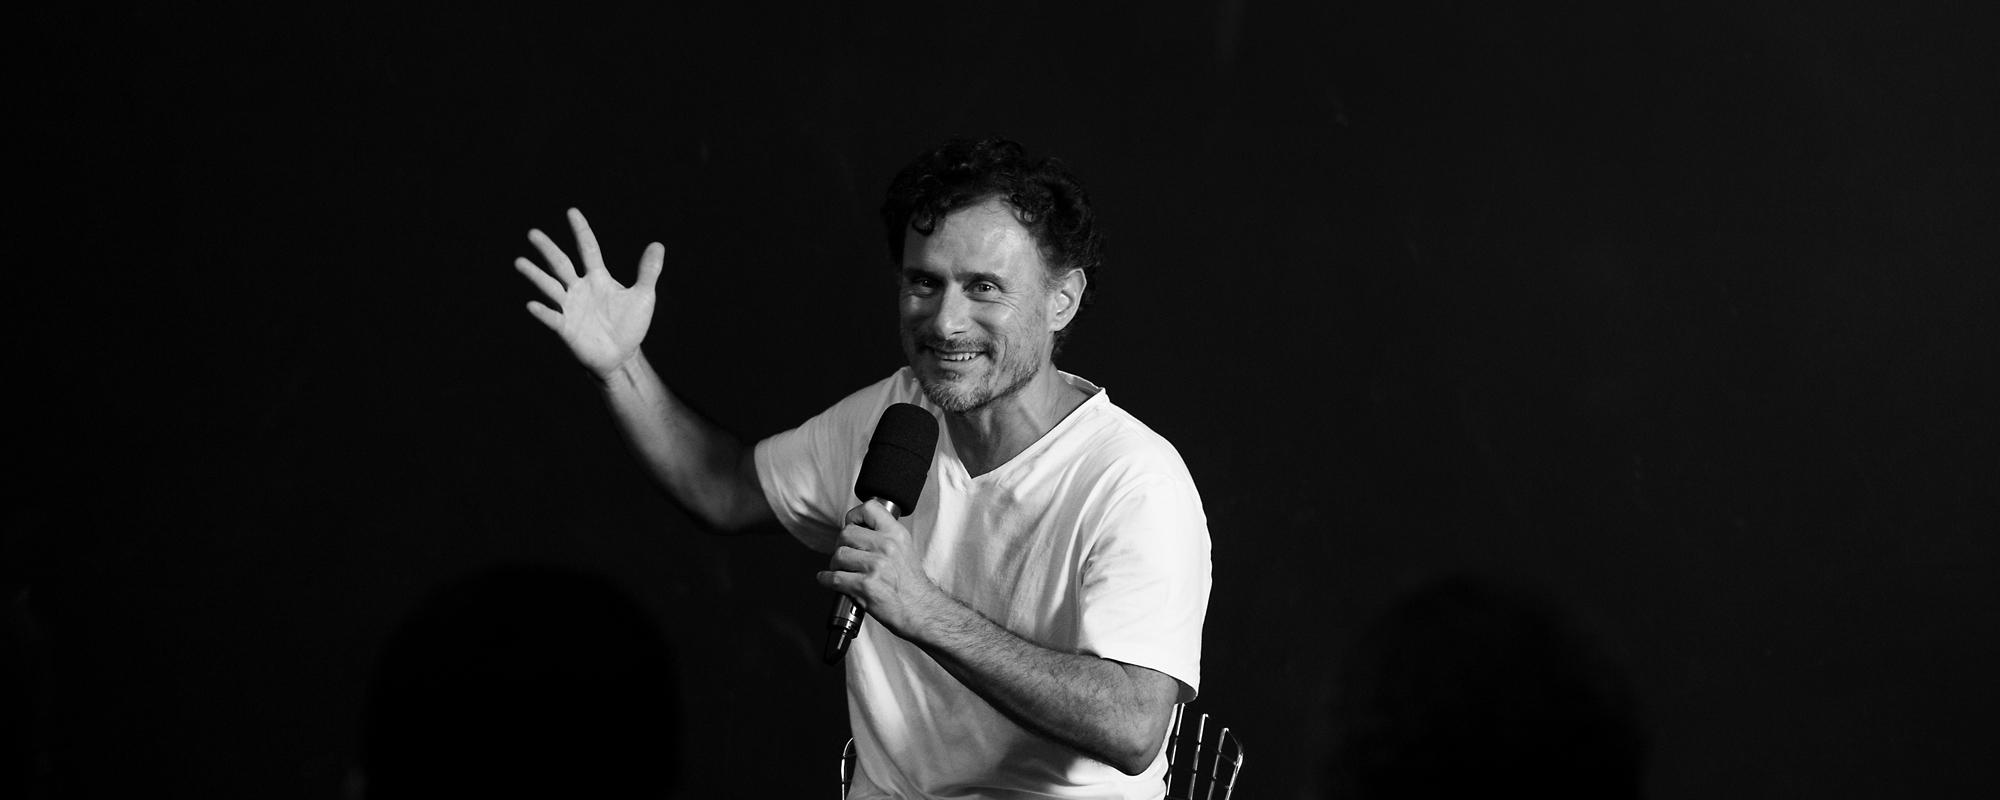 Enrique Diáz fecha a edição carioca da Semana de Orientação